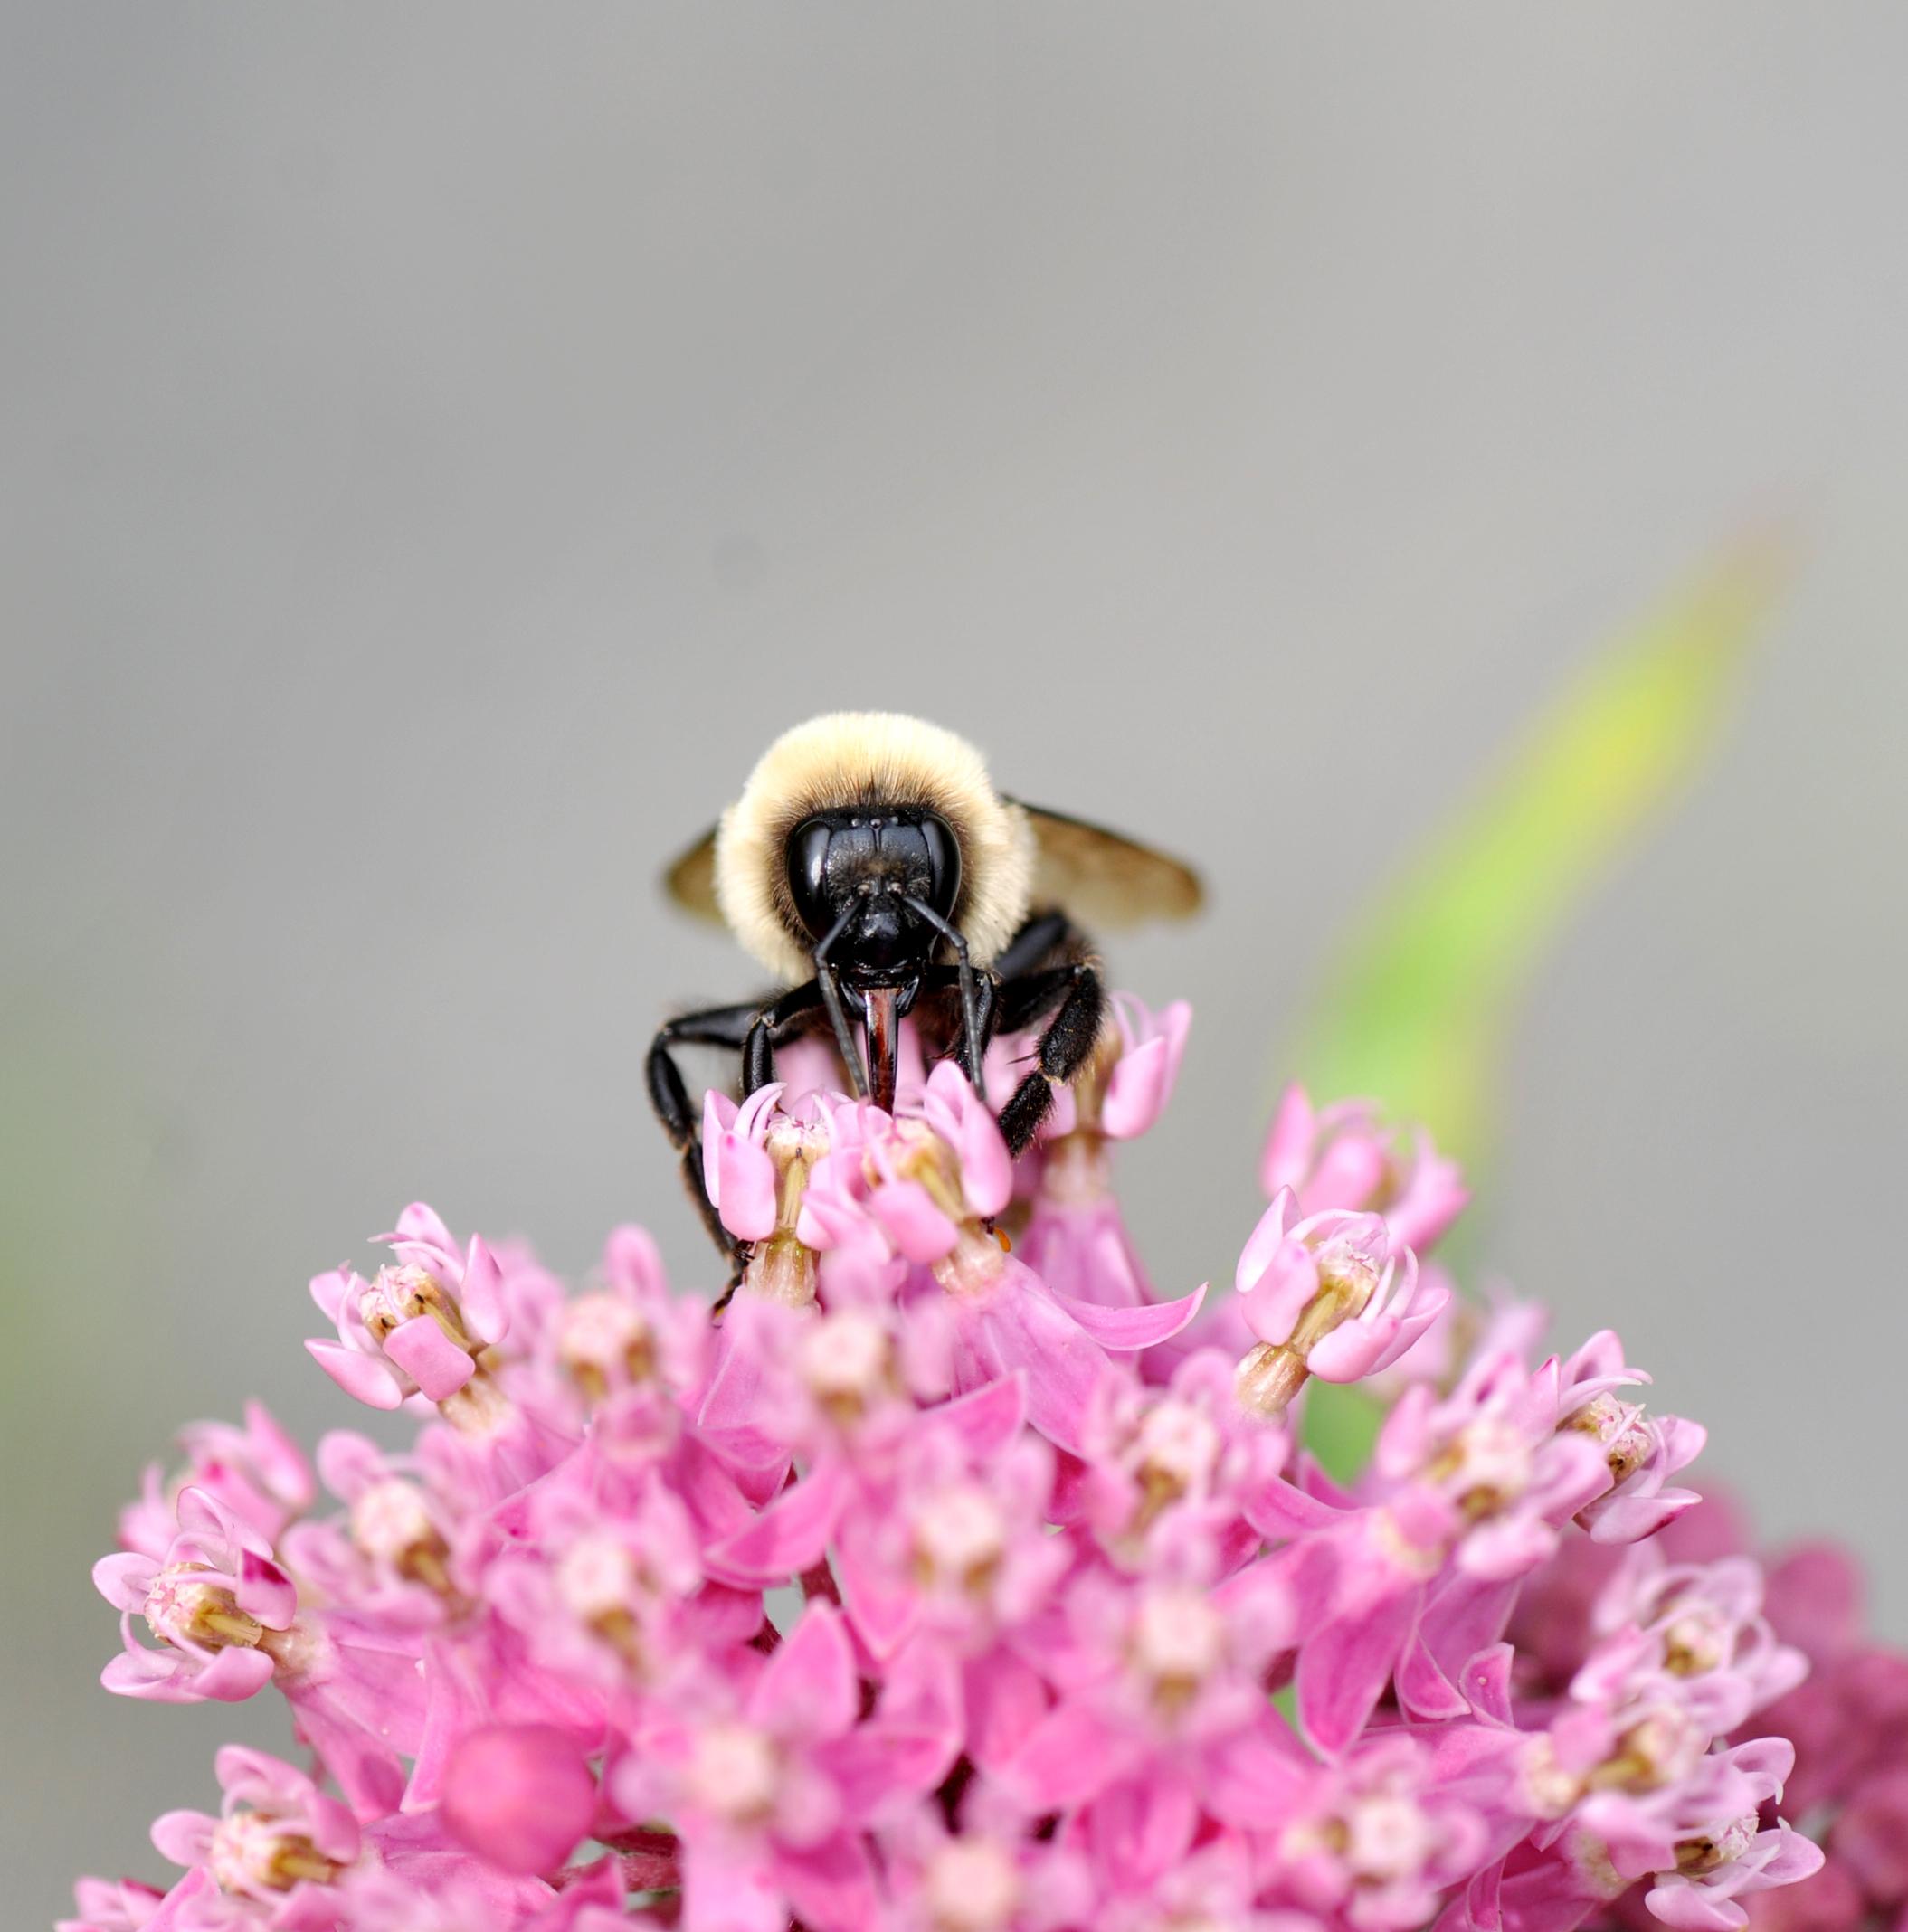 Bumblebee with proboscis